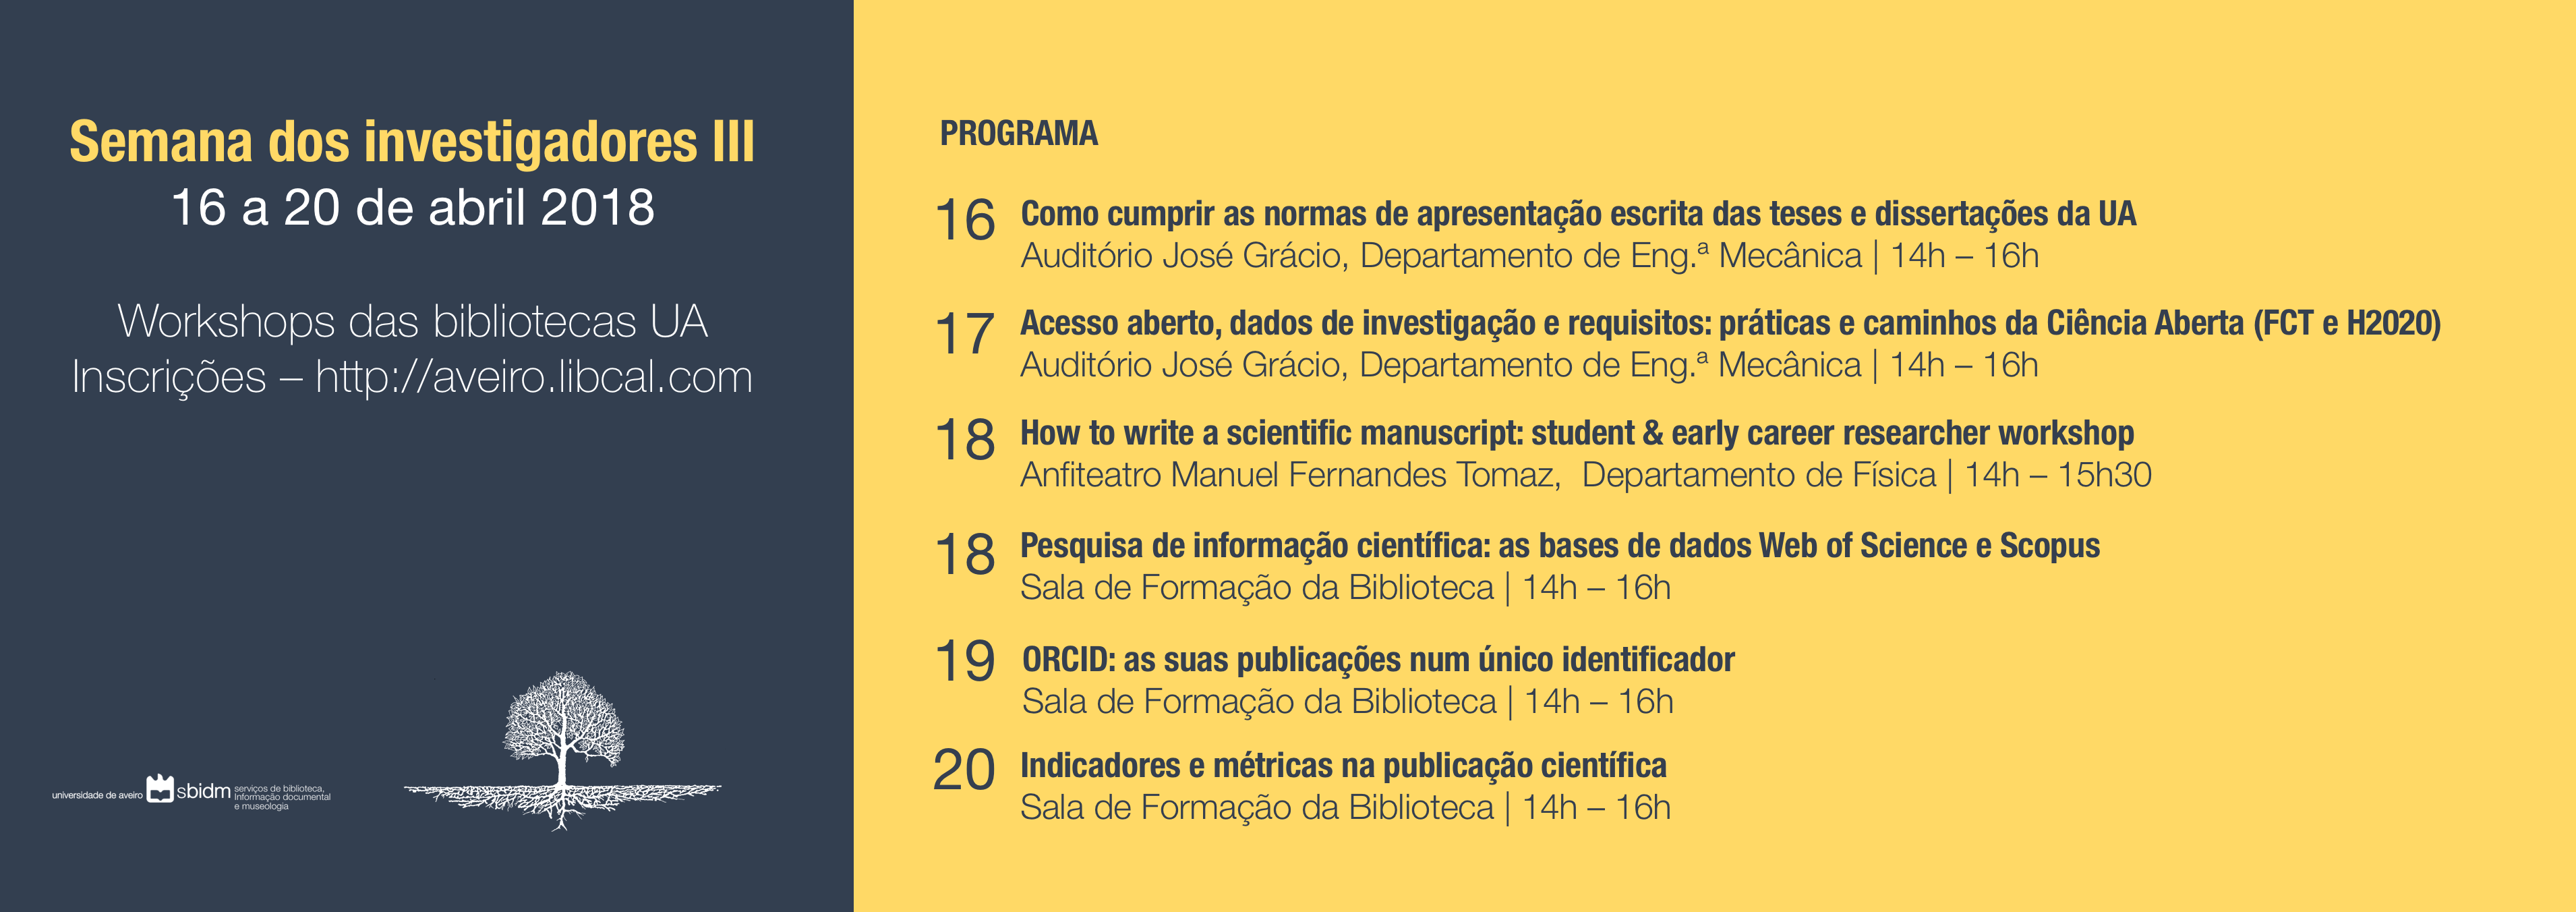 Workshops para investigadores das bibliotecas da UA